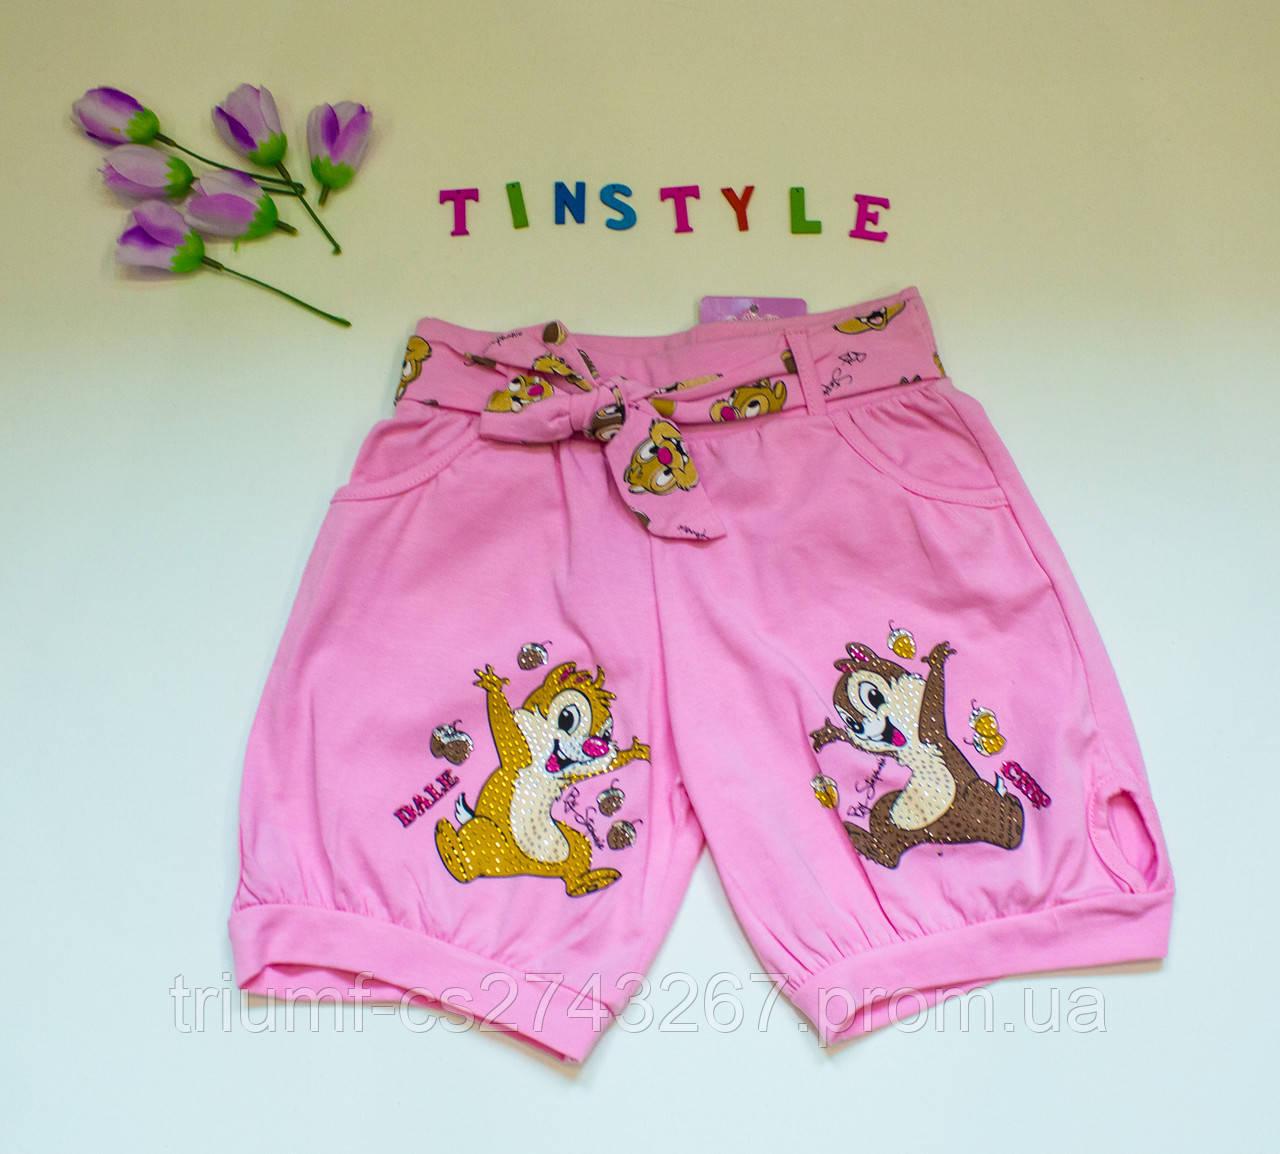 34054e6b27f2 Трикотажные шортики для девочки 6-7 лет - Интернет -магазин